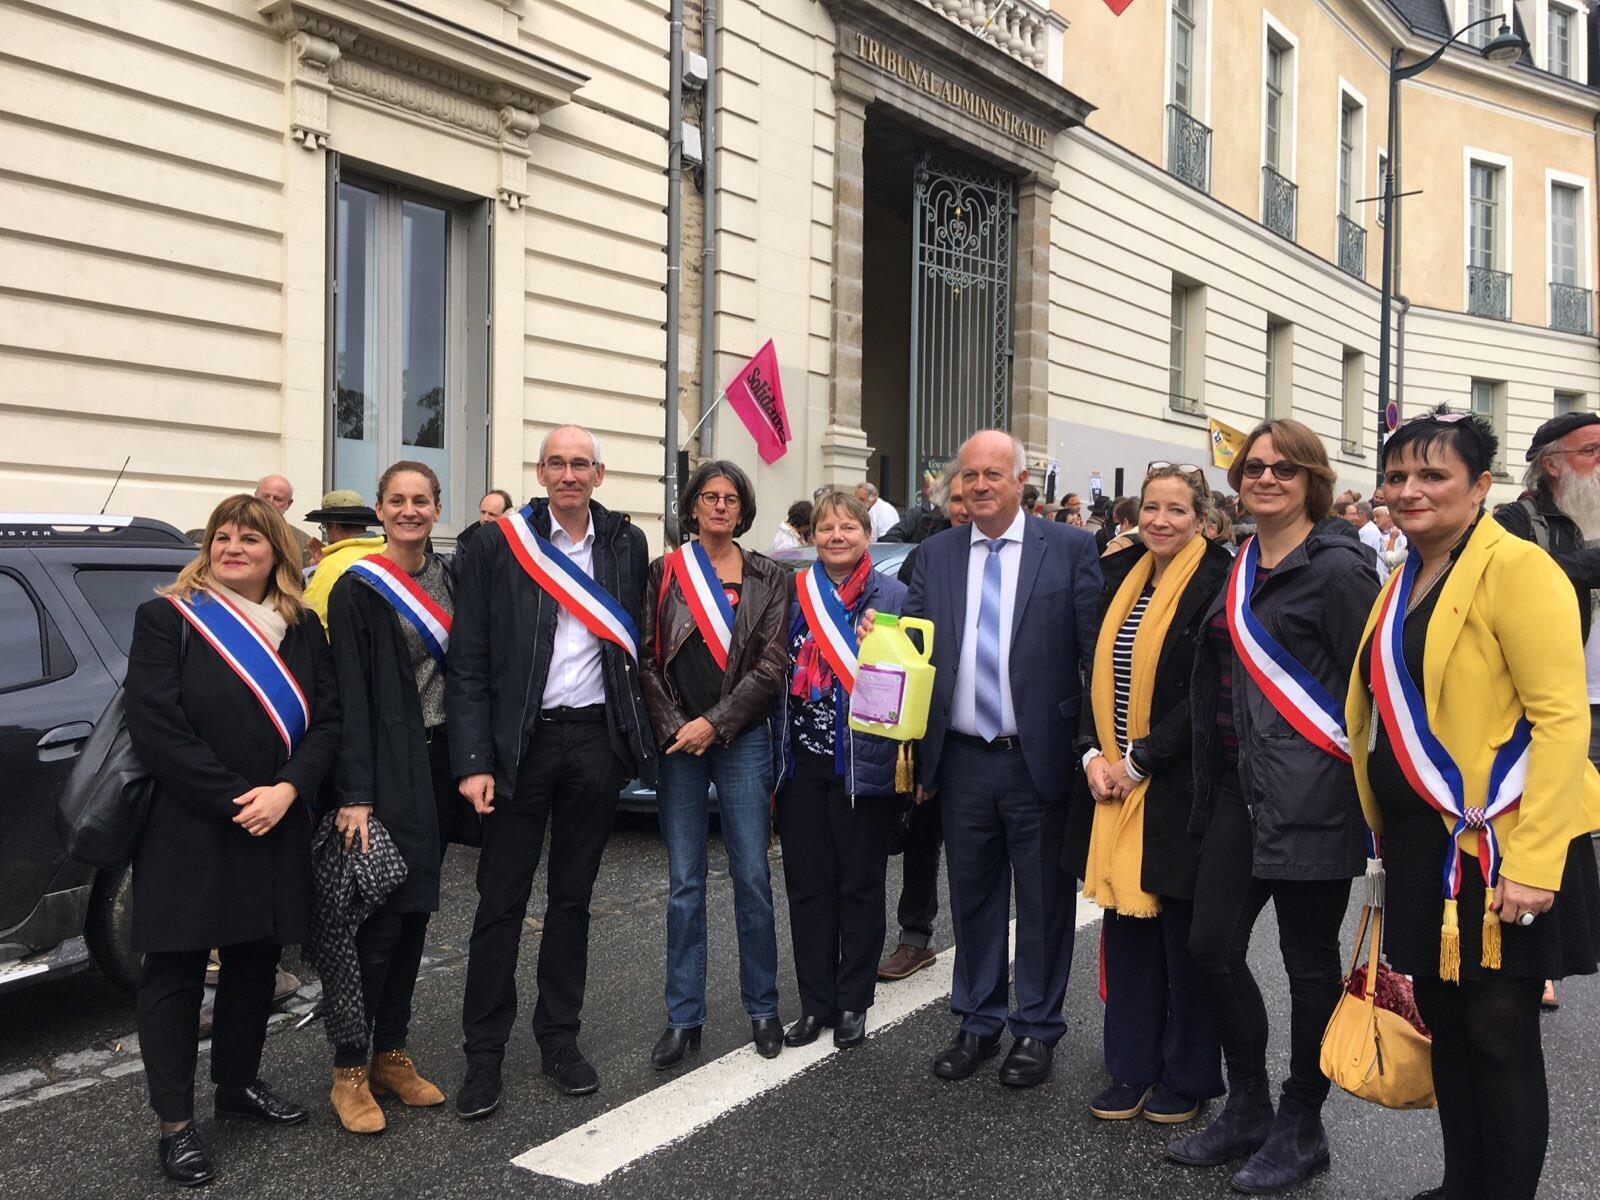 Le maire de Langouët Daniel Cueff, attaqué pour son arrêté anti-pesticides, devant le tribunal administratif de Rennes, aux côtés d'élus, le 14 octobre.